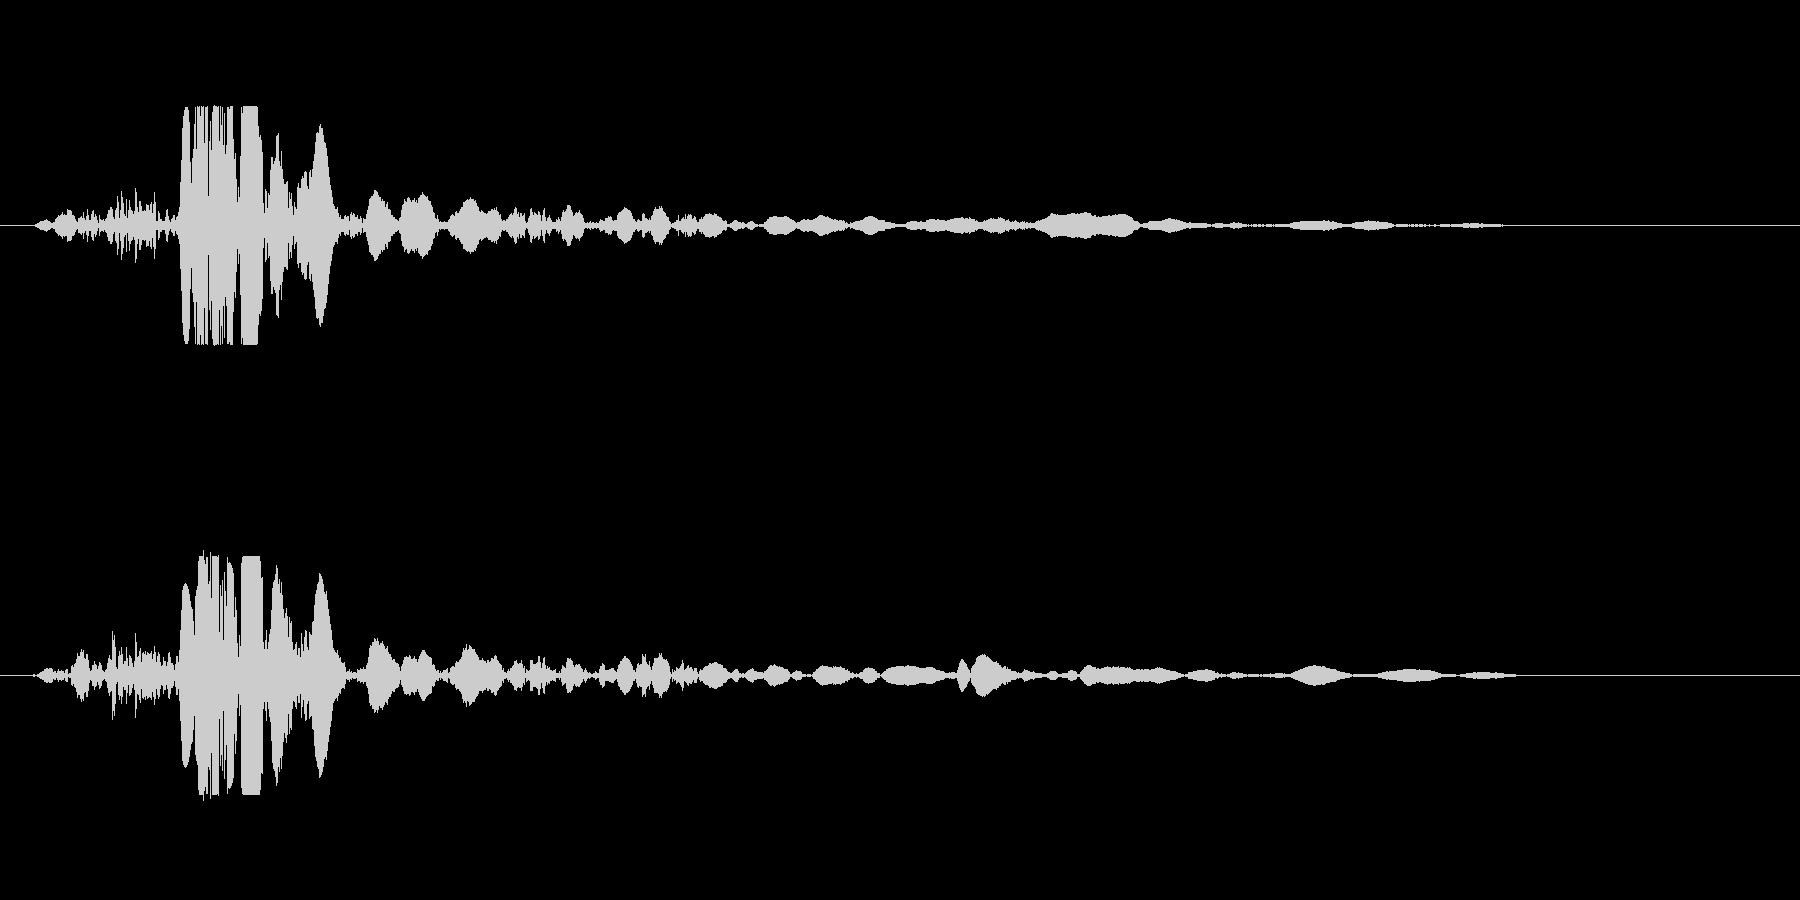 バタン、ドスン(破裂音、落下音)の未再生の波形